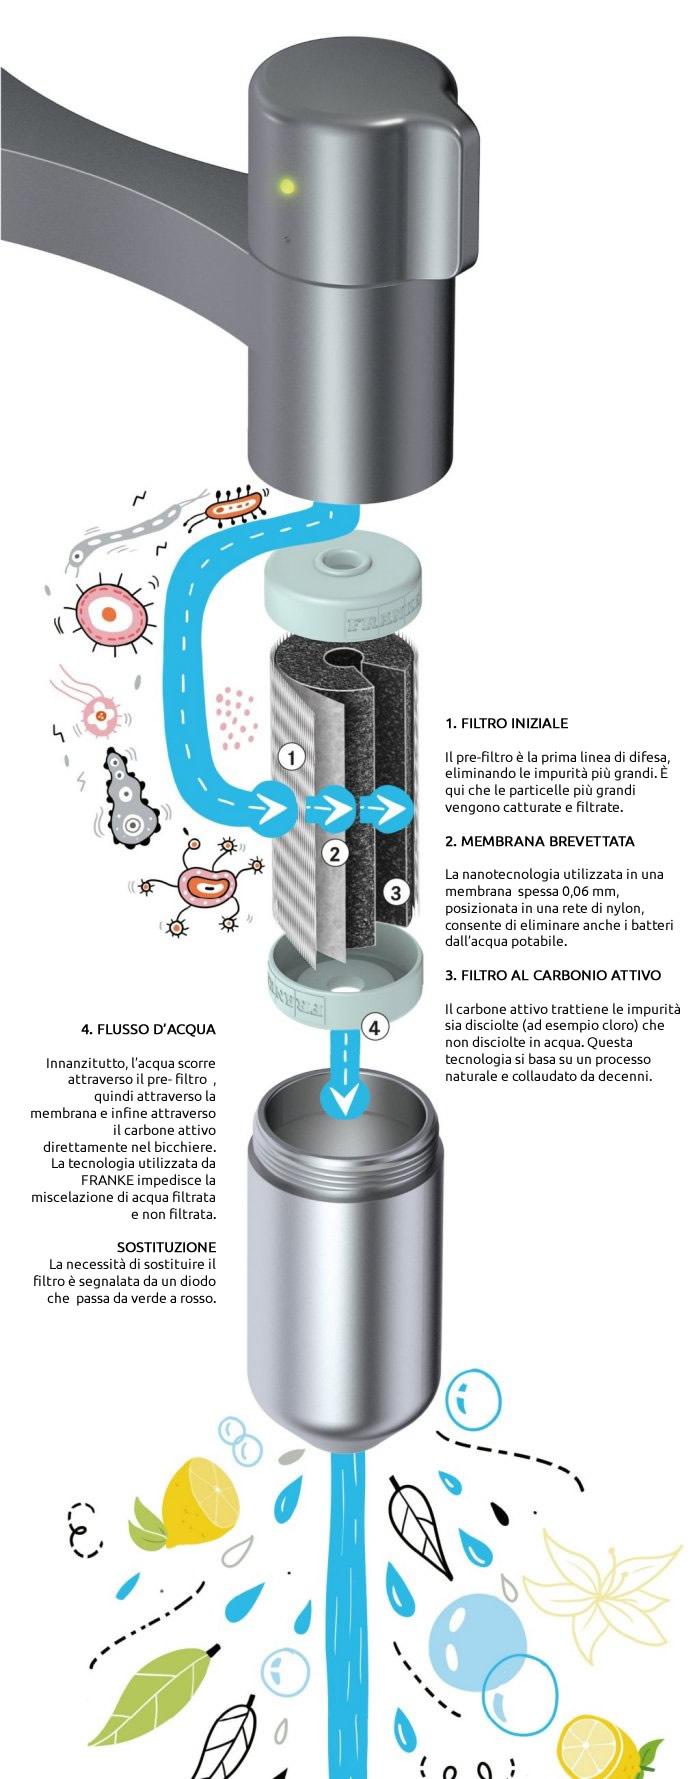 Franke Vital Capsule Schema Funzionamento Filtro